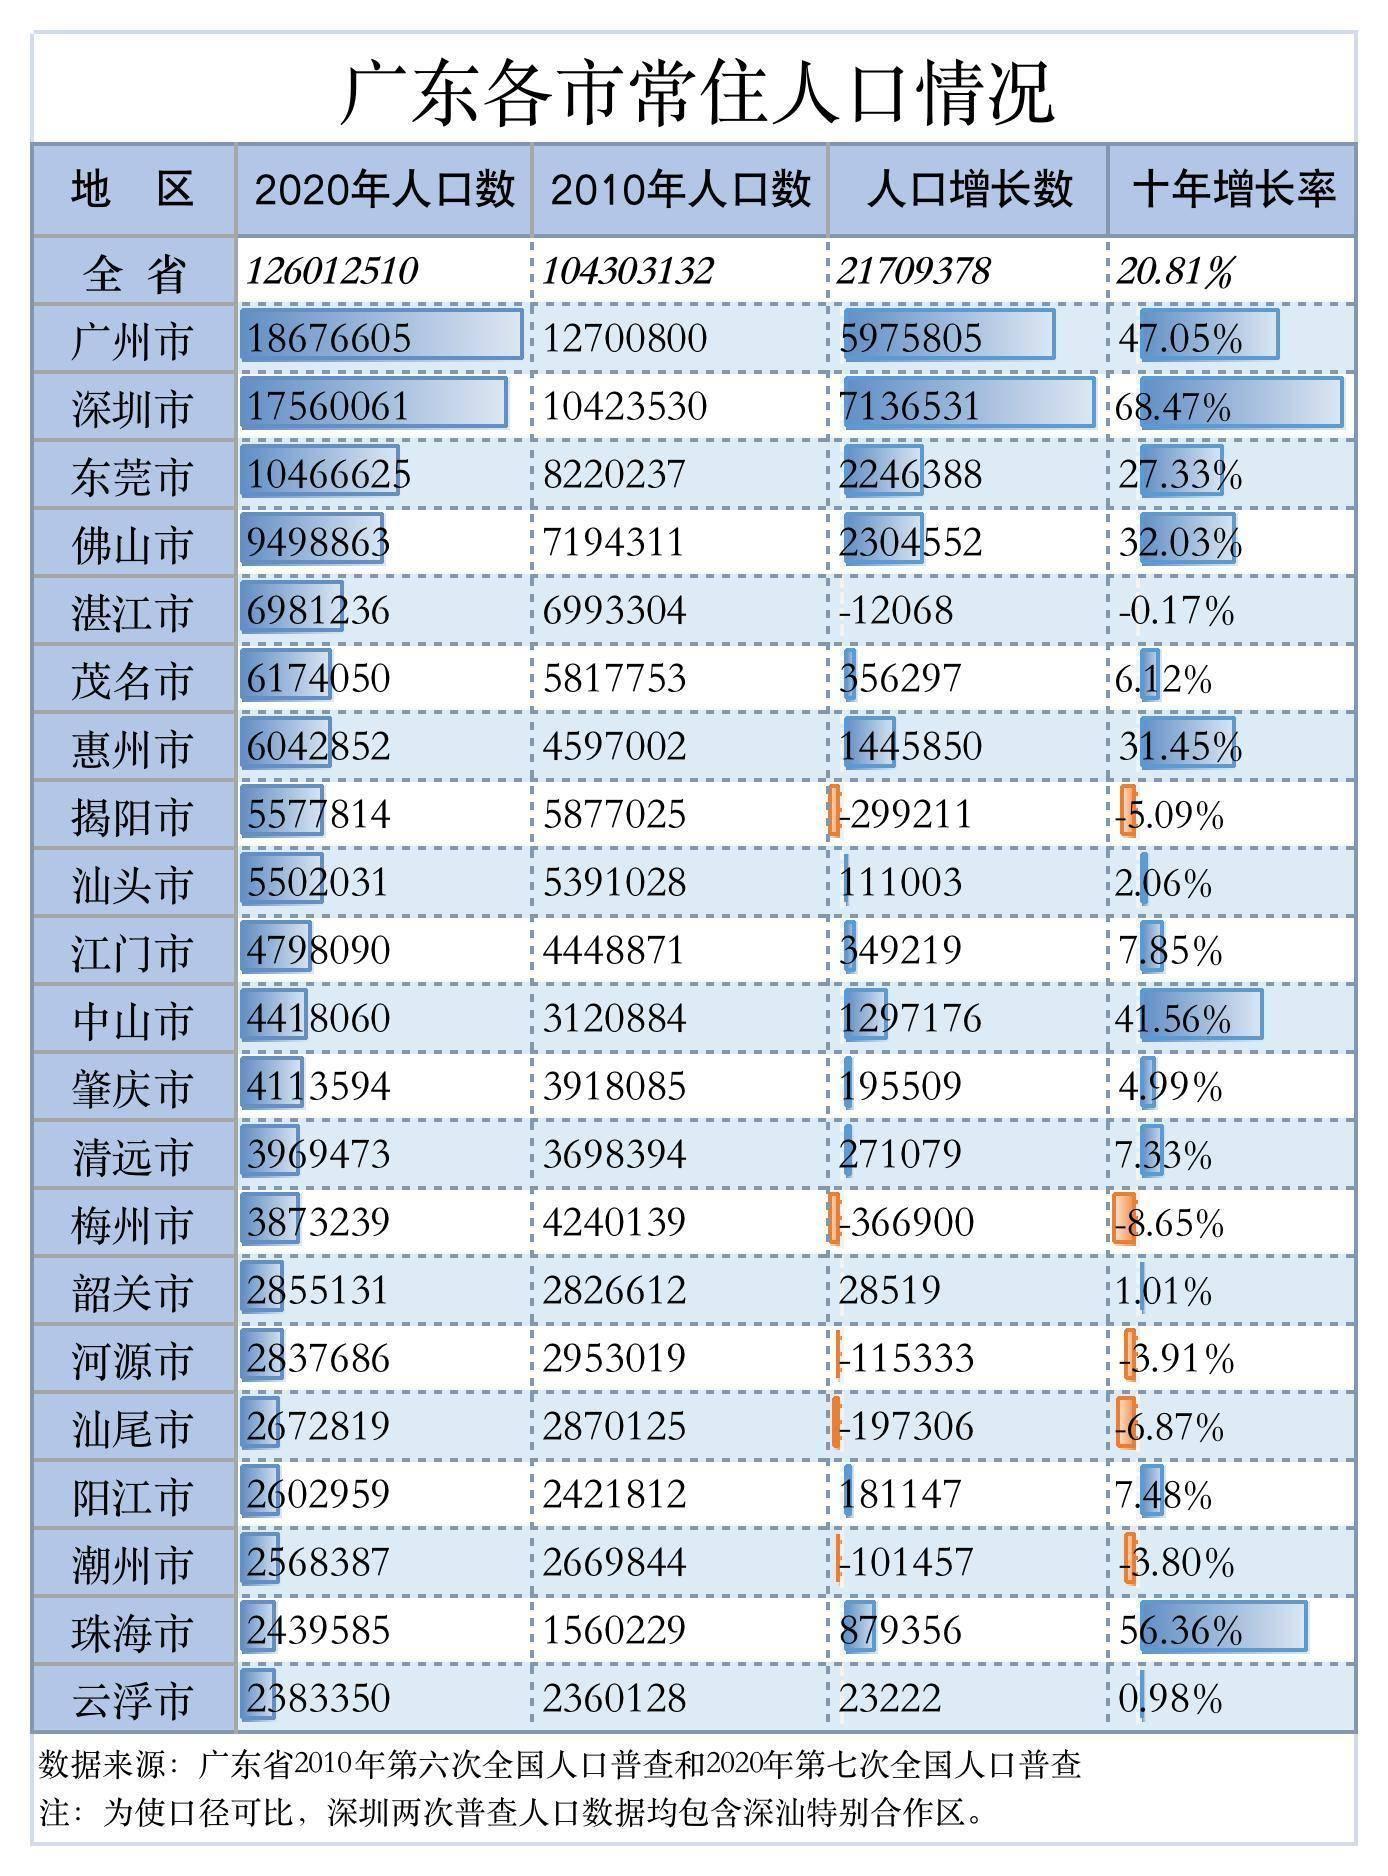 深圳人口统计_一线城市人口大比拼:深圳男女数差异最大北京常住人口时隔三年